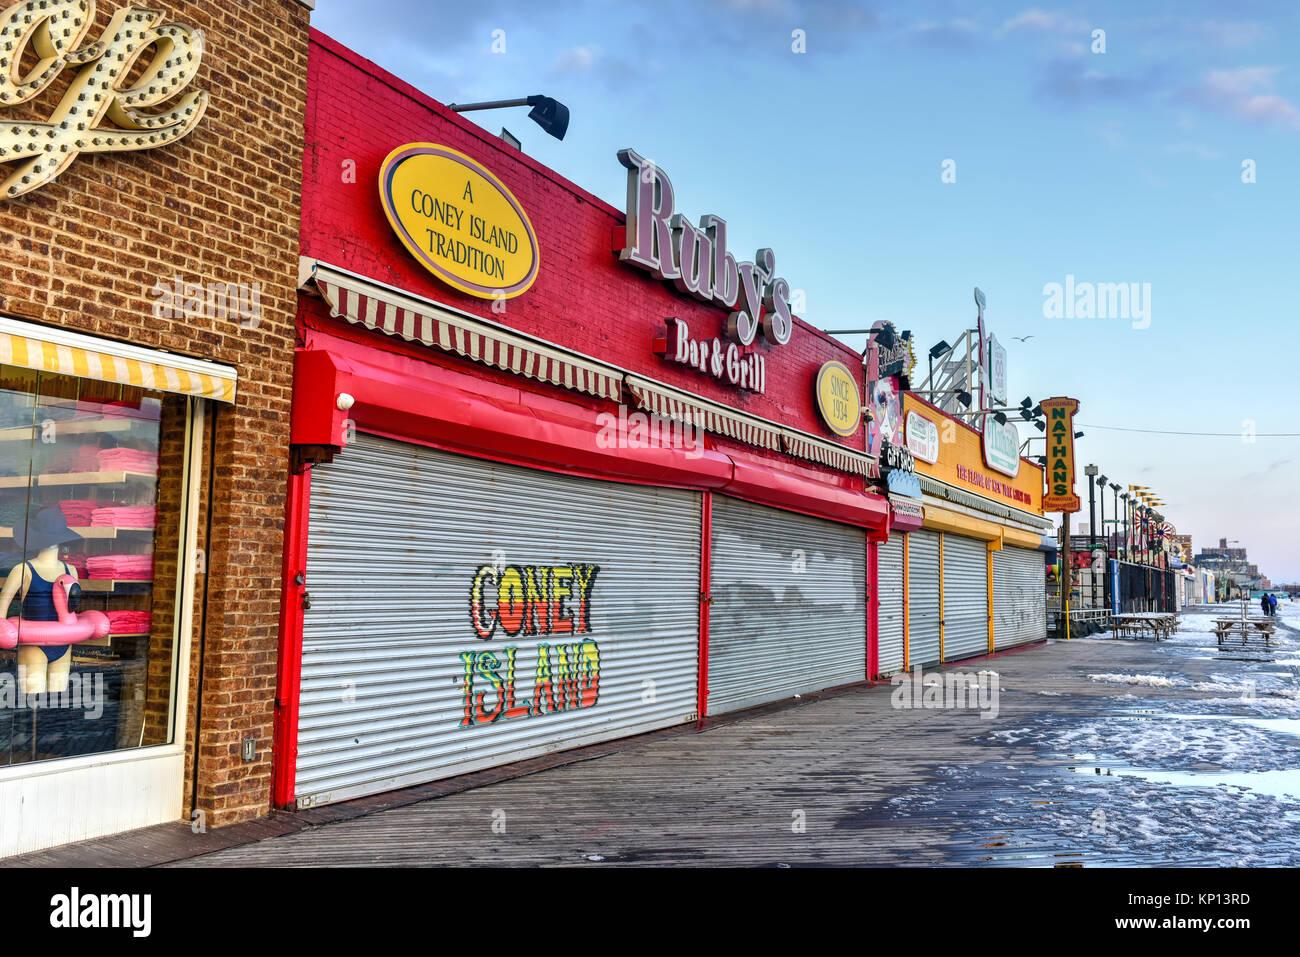 New York City - Dicembre 10, 2017: chiuso i negozi lungo la passeggiata a mare di Coney Island in inverno. Foto Stock